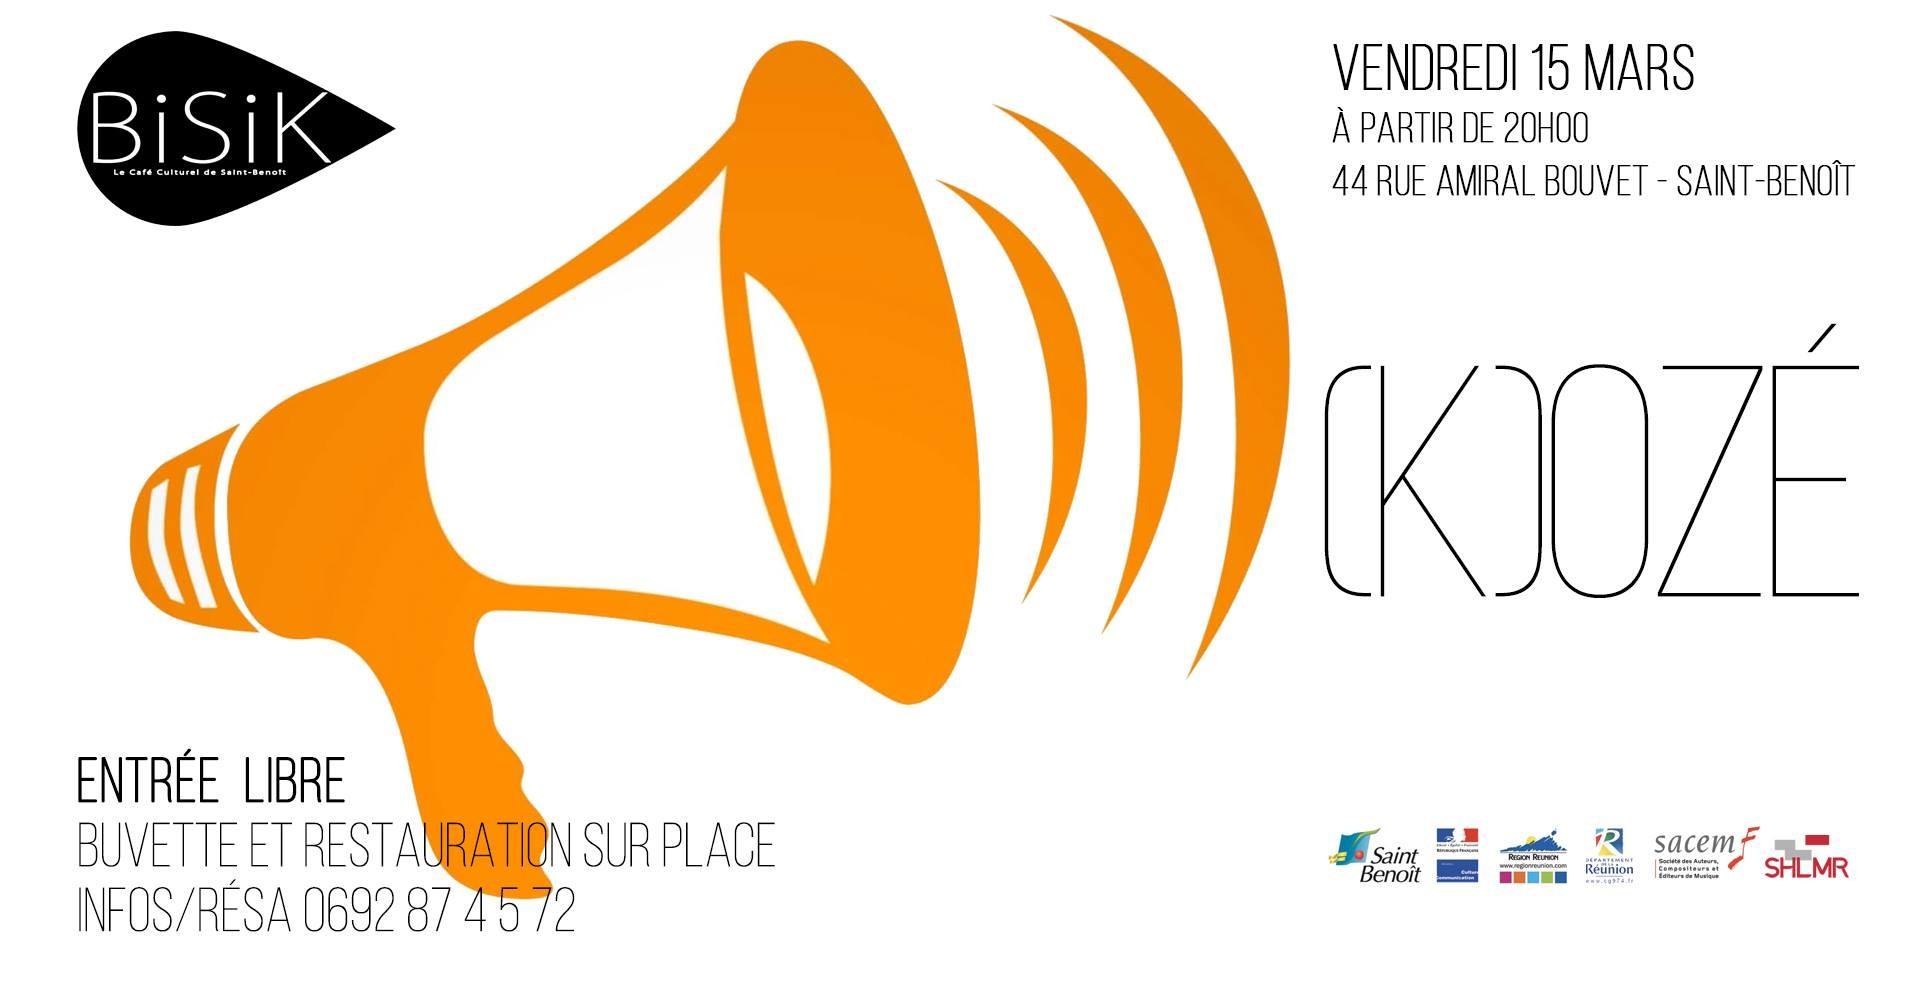 (K)ozé ! : Scène ouverte au Bisik !